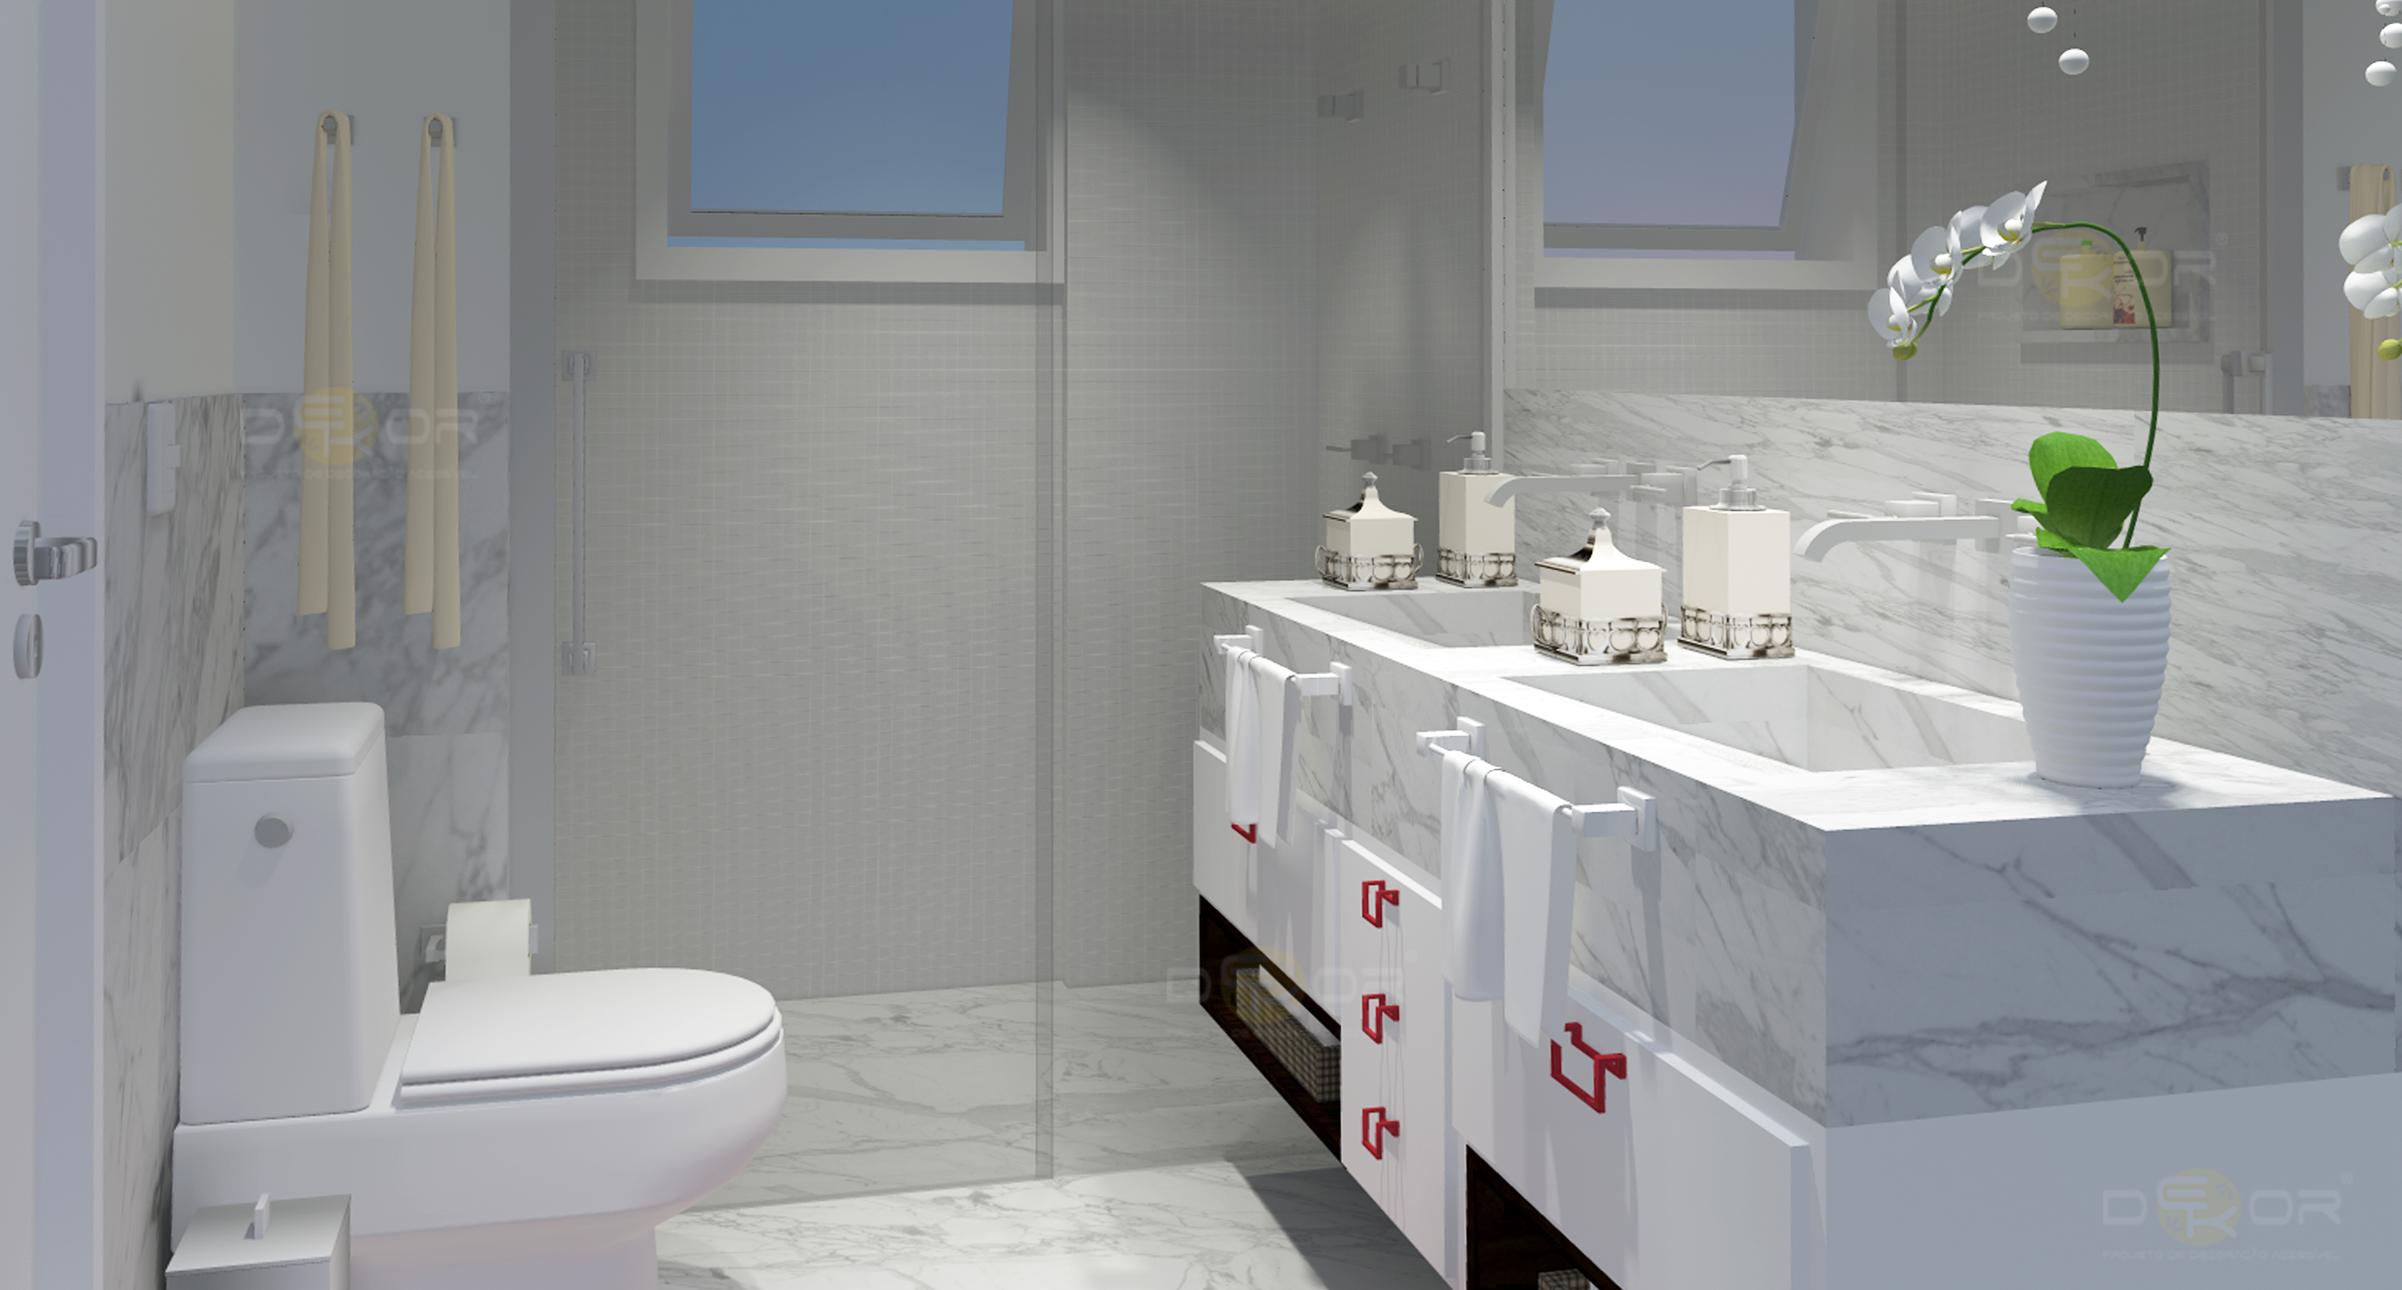 Projeto de Banheiro – Decoração Online #19 Erika Karpuk #773538 2402 1290